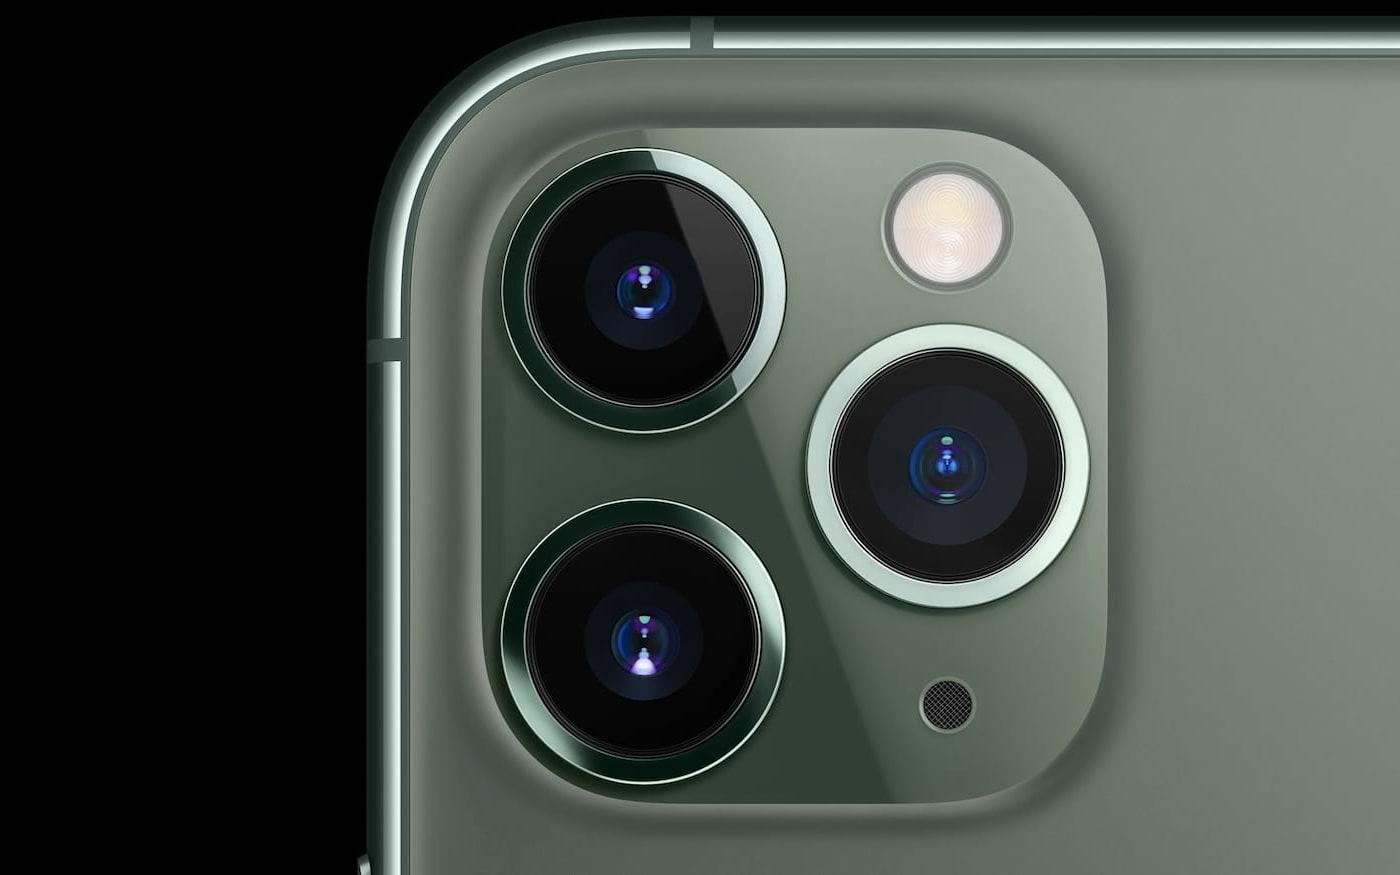 Opinião: Porque a câmera do novo iPhone 11 é tão feia?